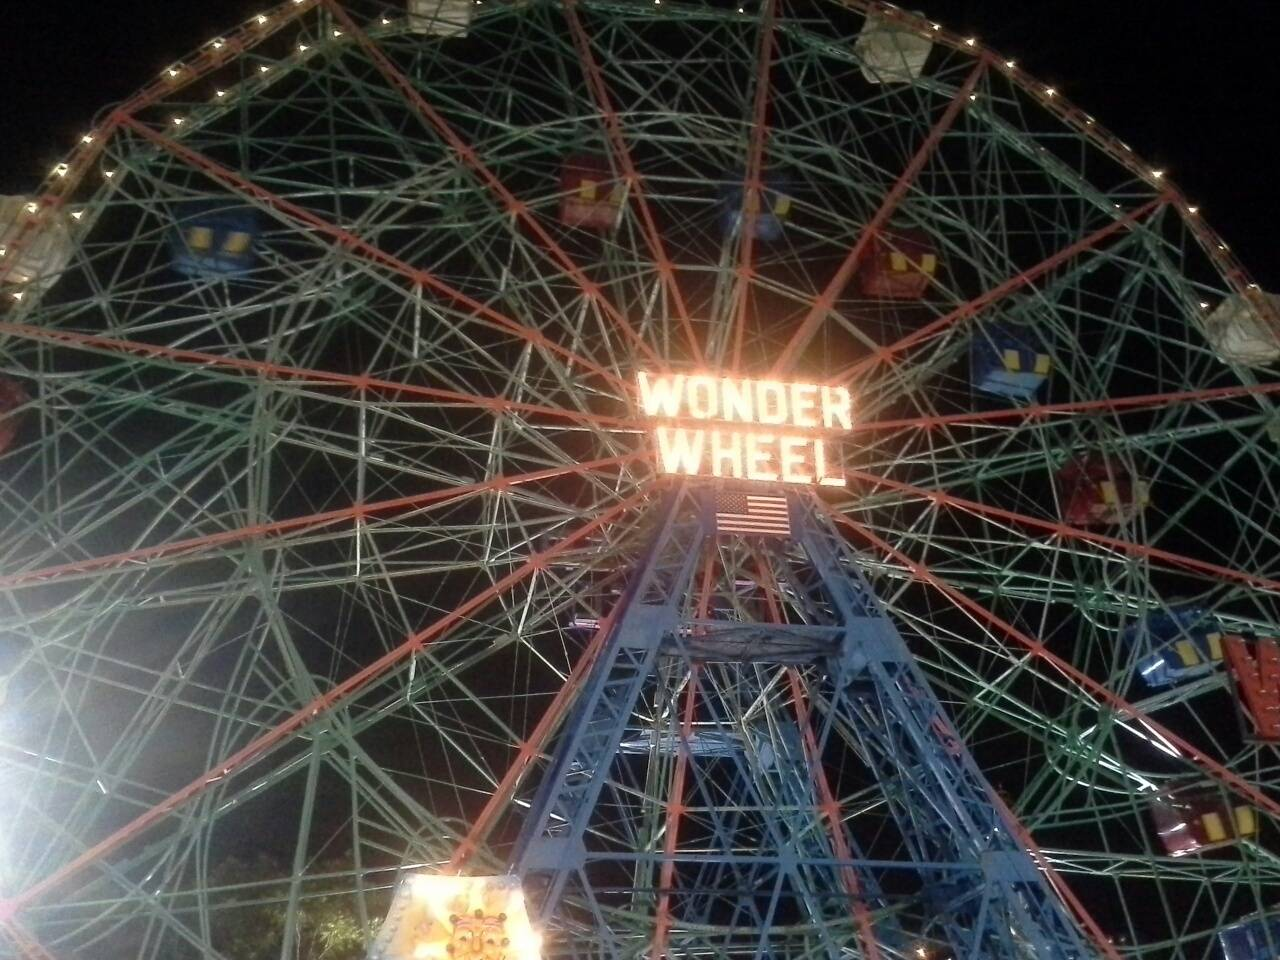 wonder wheel at coney island brooklyn, coney island brooklyn